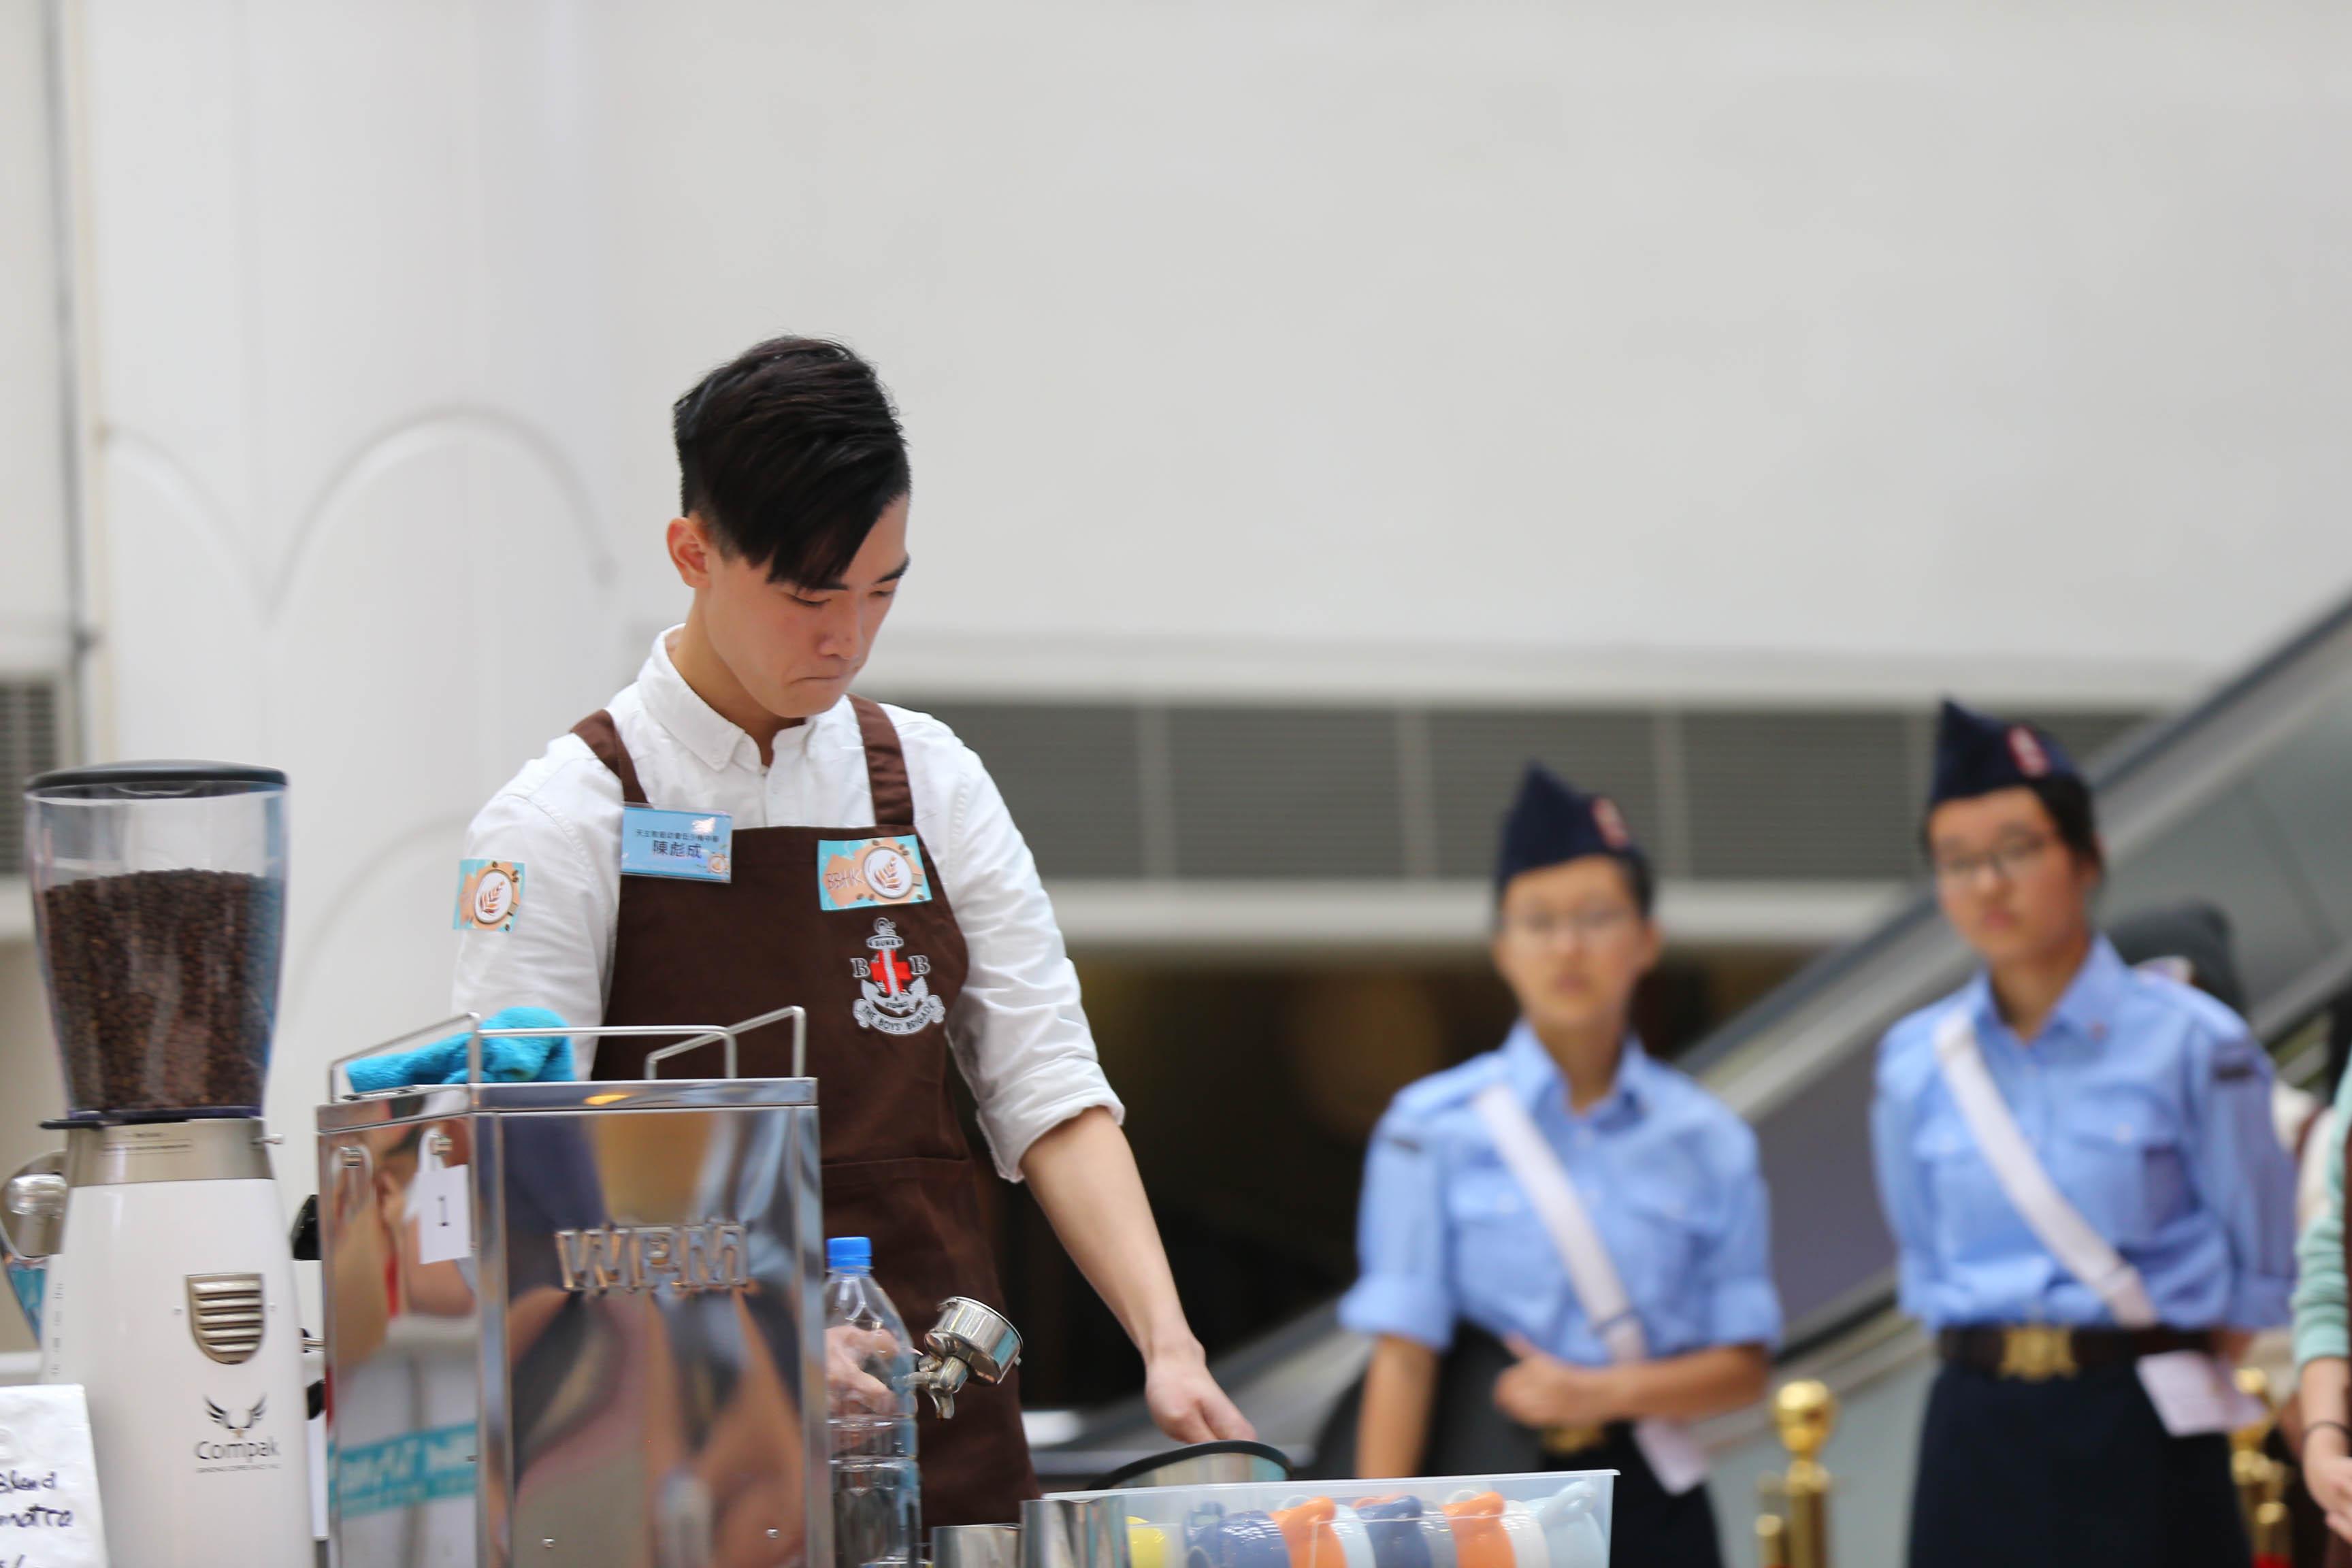 天主教慈幼會伍少梅中學的全港學界咖啡拉花比賽2016 相片2